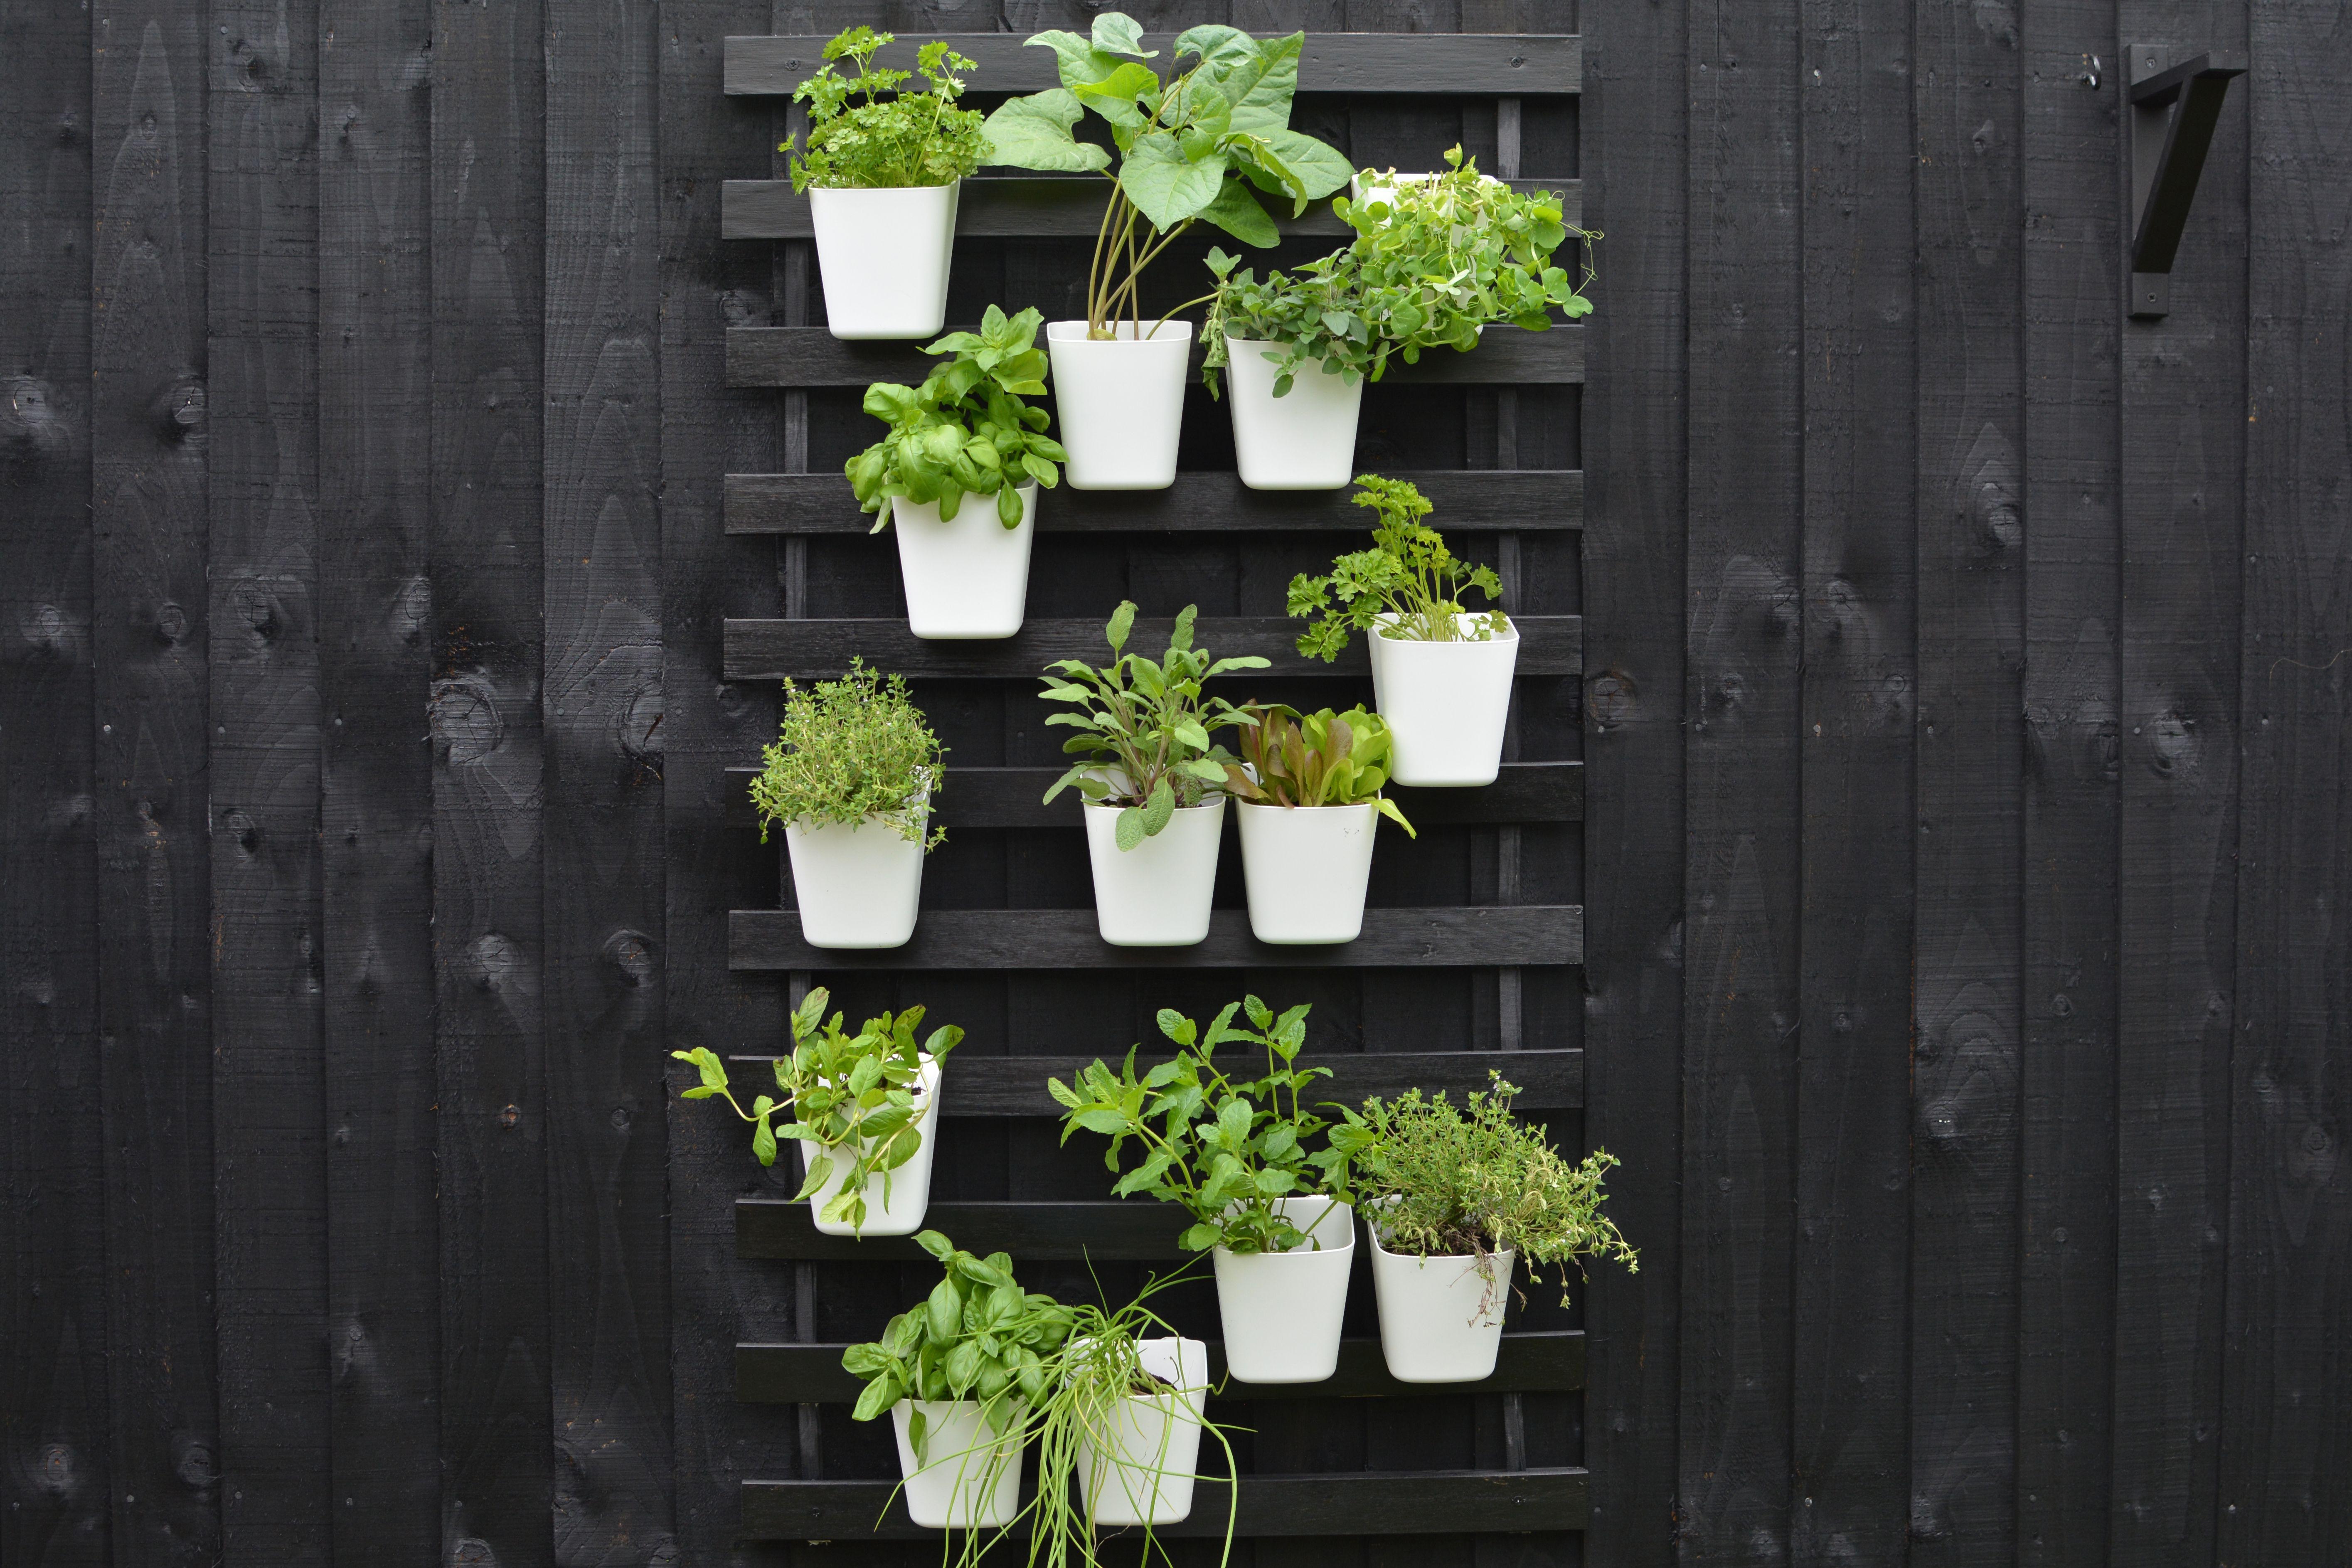 Create a modern vertical garden using ikea bed slats